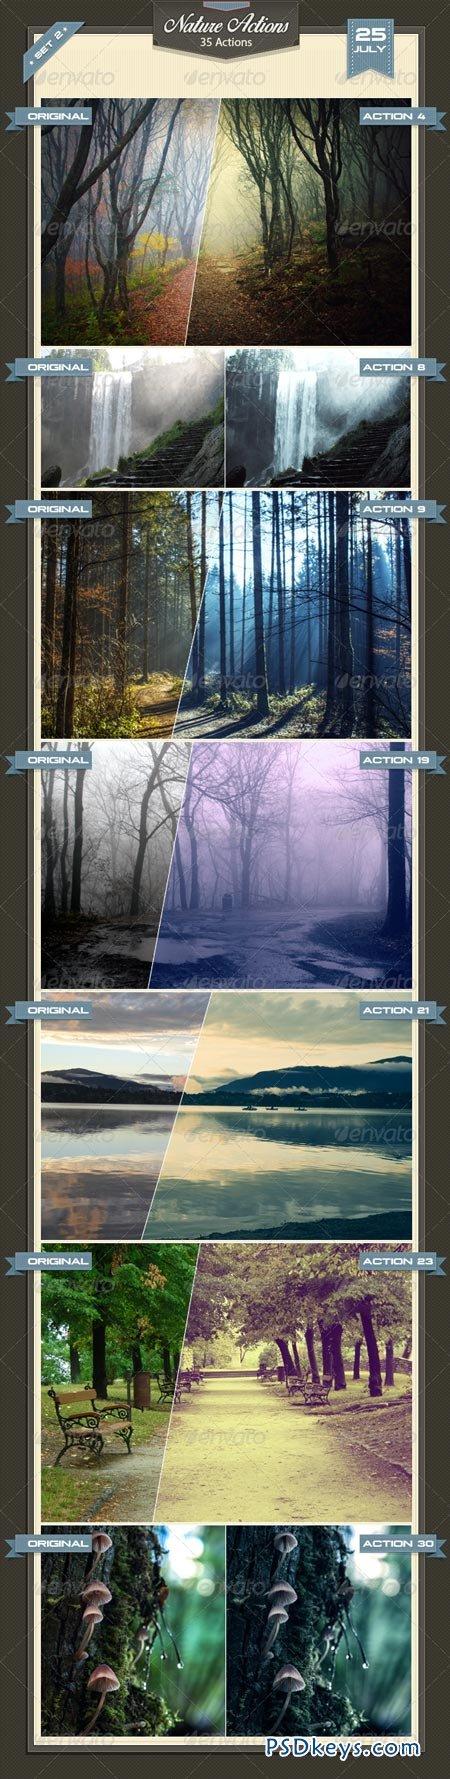 Nature Photoshop Actions Set 2 8406343